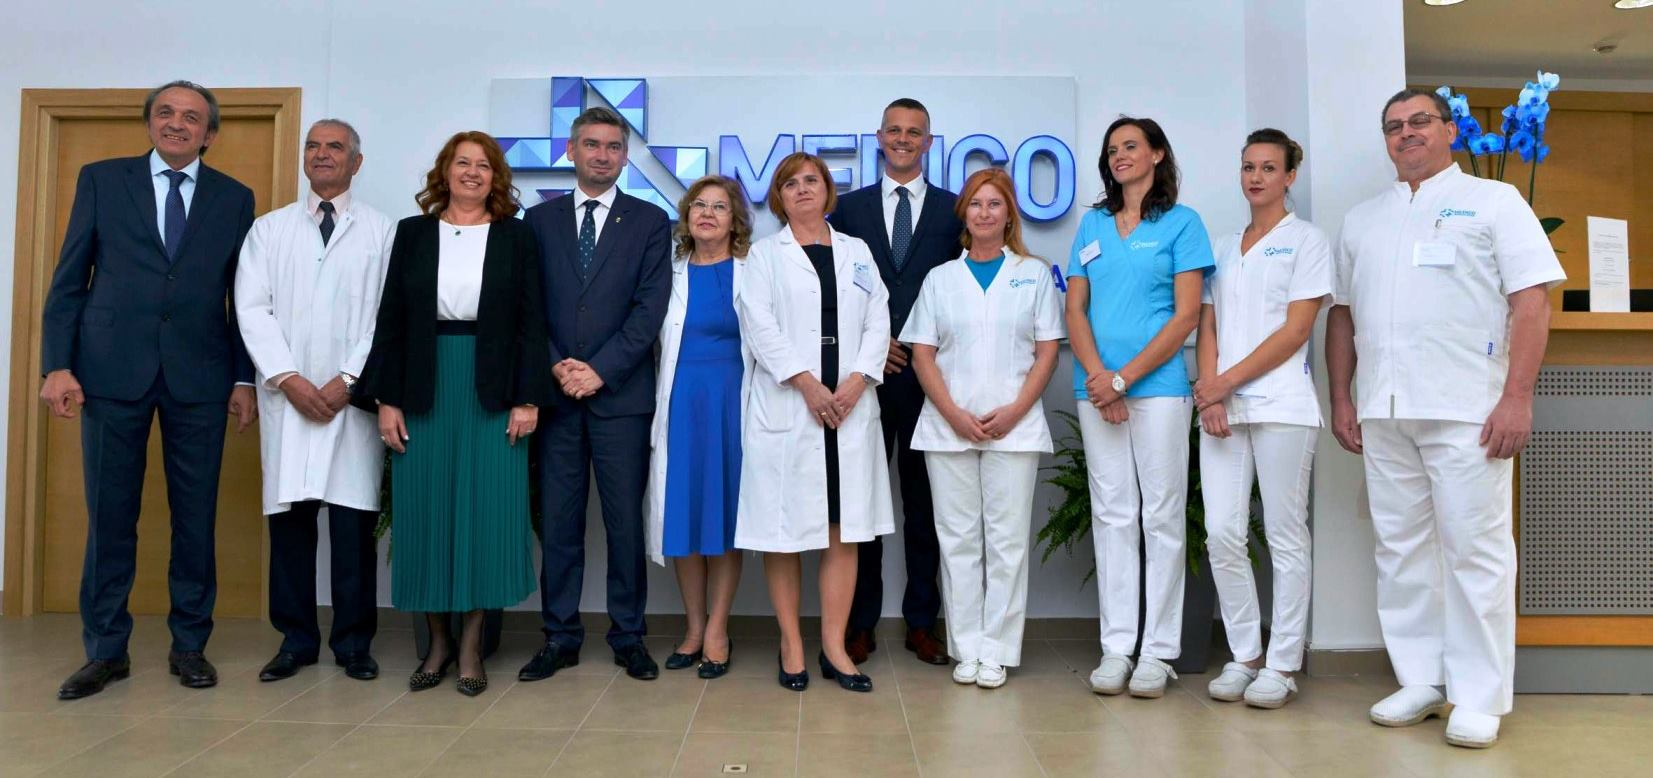 FOTO: Specijalna bolnica Medico otvorila poslovnu jedinicu u Gradu Puli